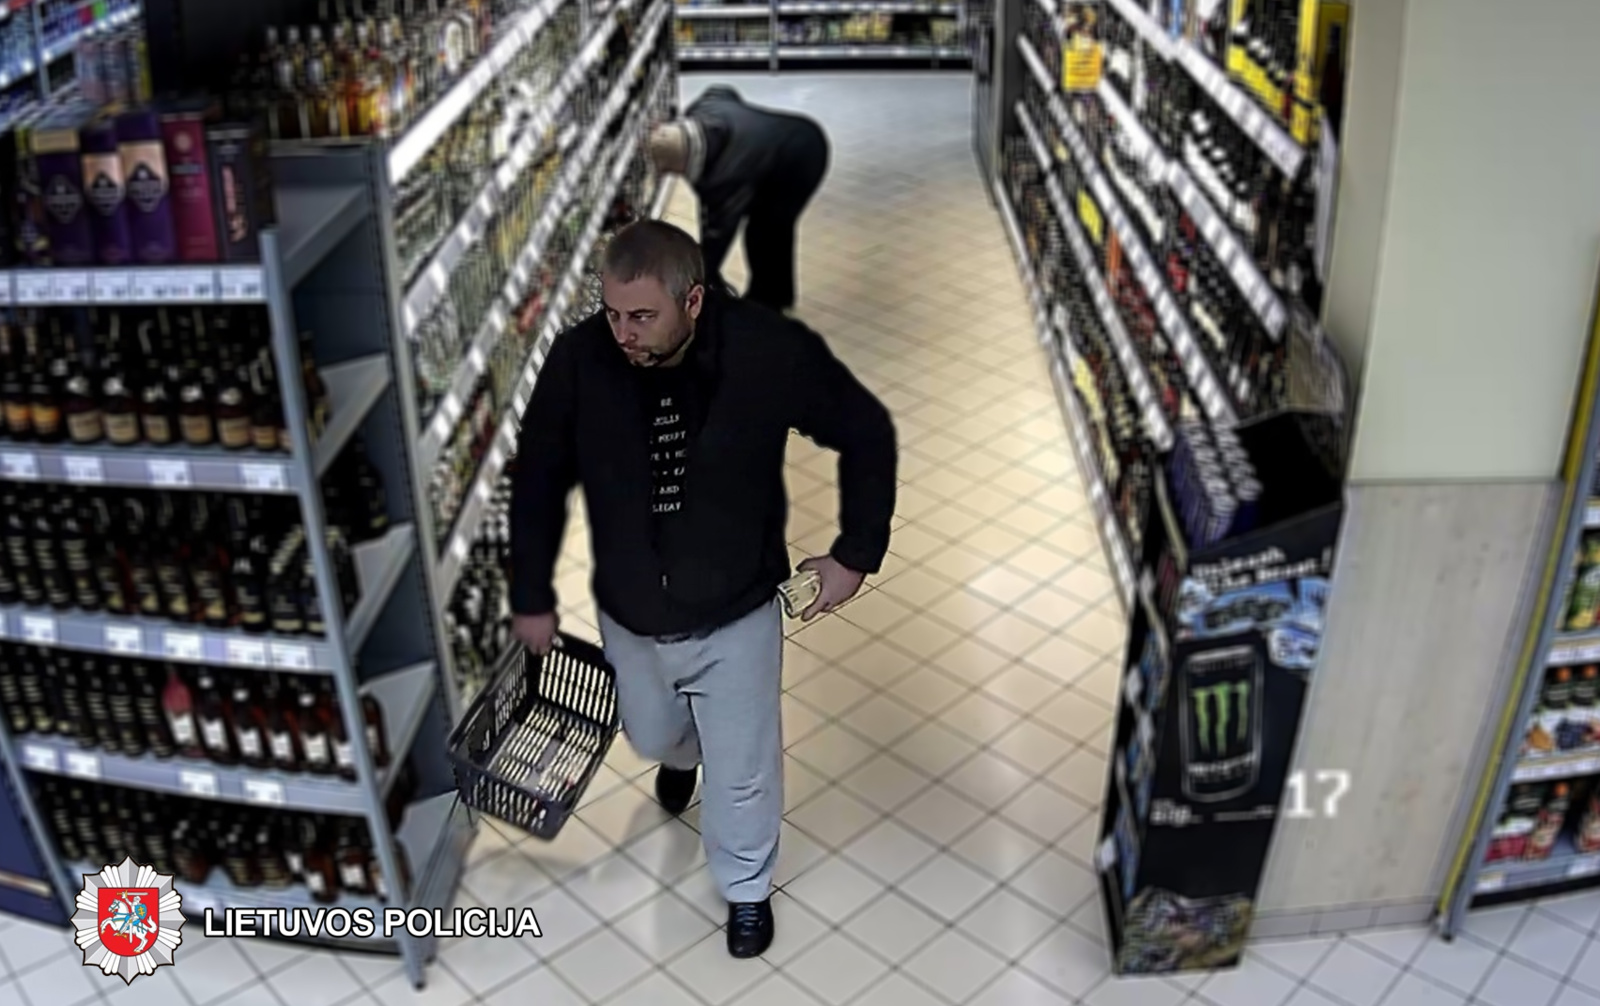 Panevėžyje iš parduotuvės vyras pavogė alkoholio butelių: jo ieško policija